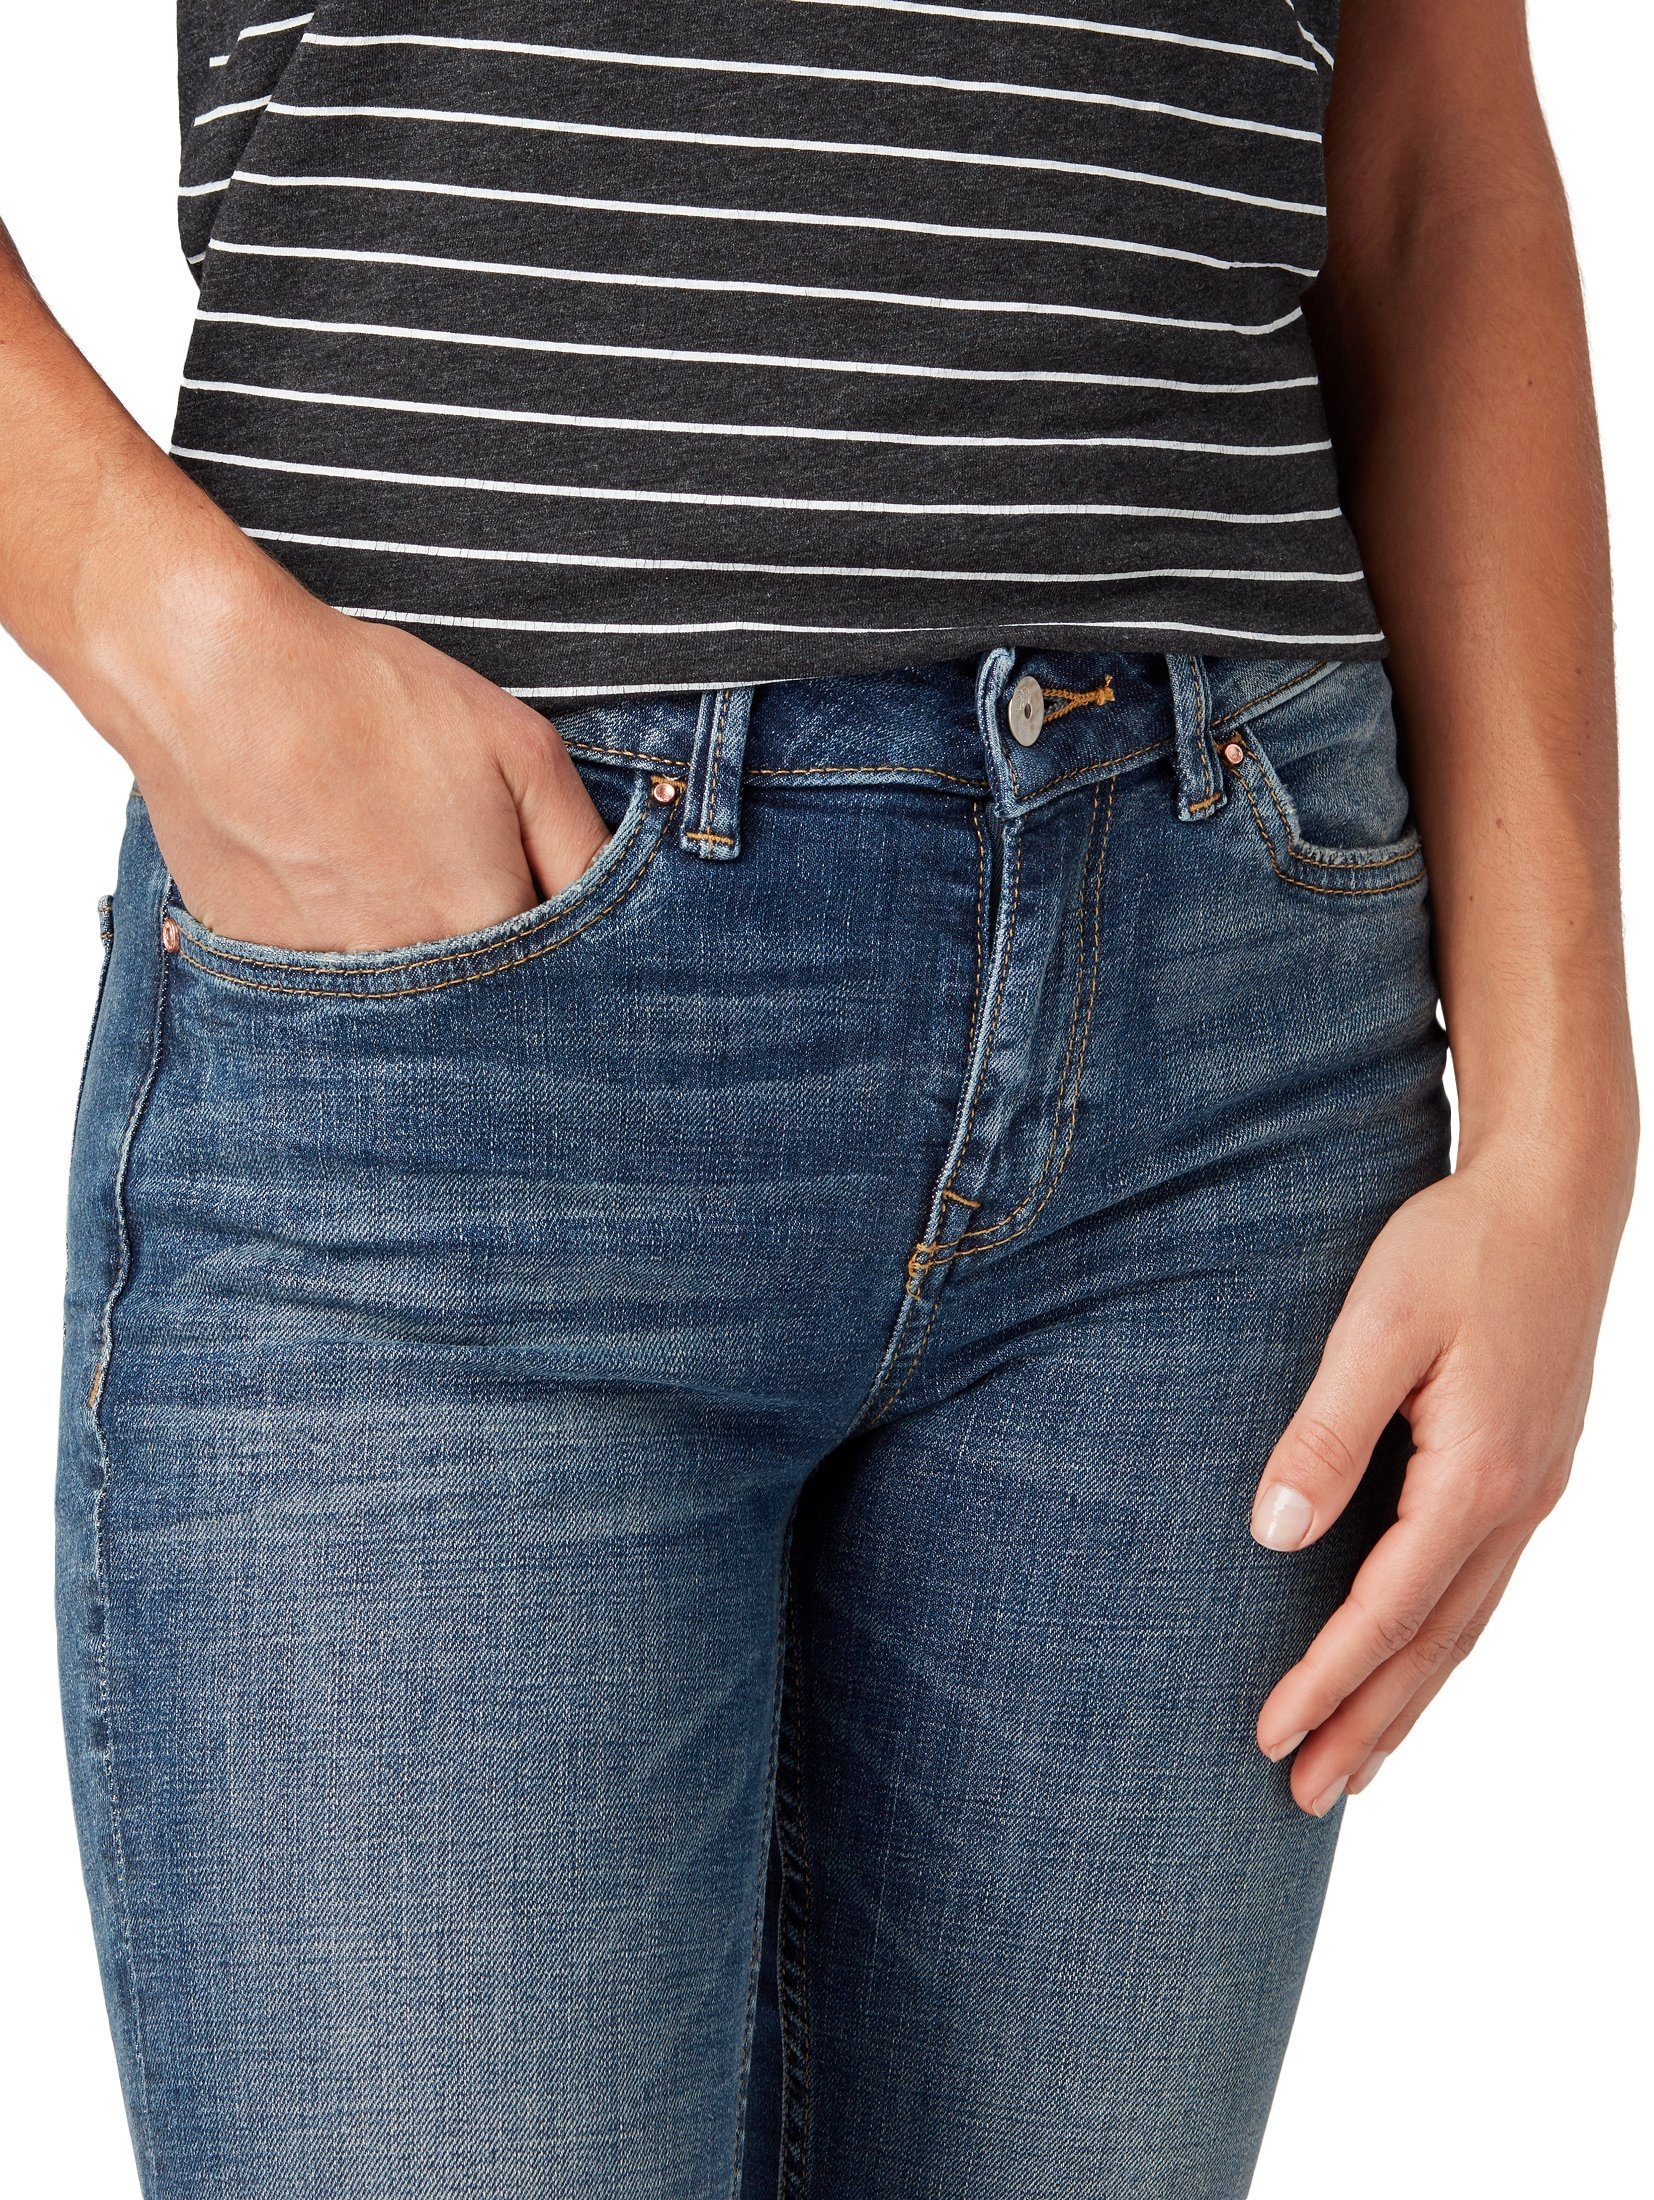 Tom pocketsjeanselsa Jeans 5 Bij Denim Online Tailor Slim 2IDHE9